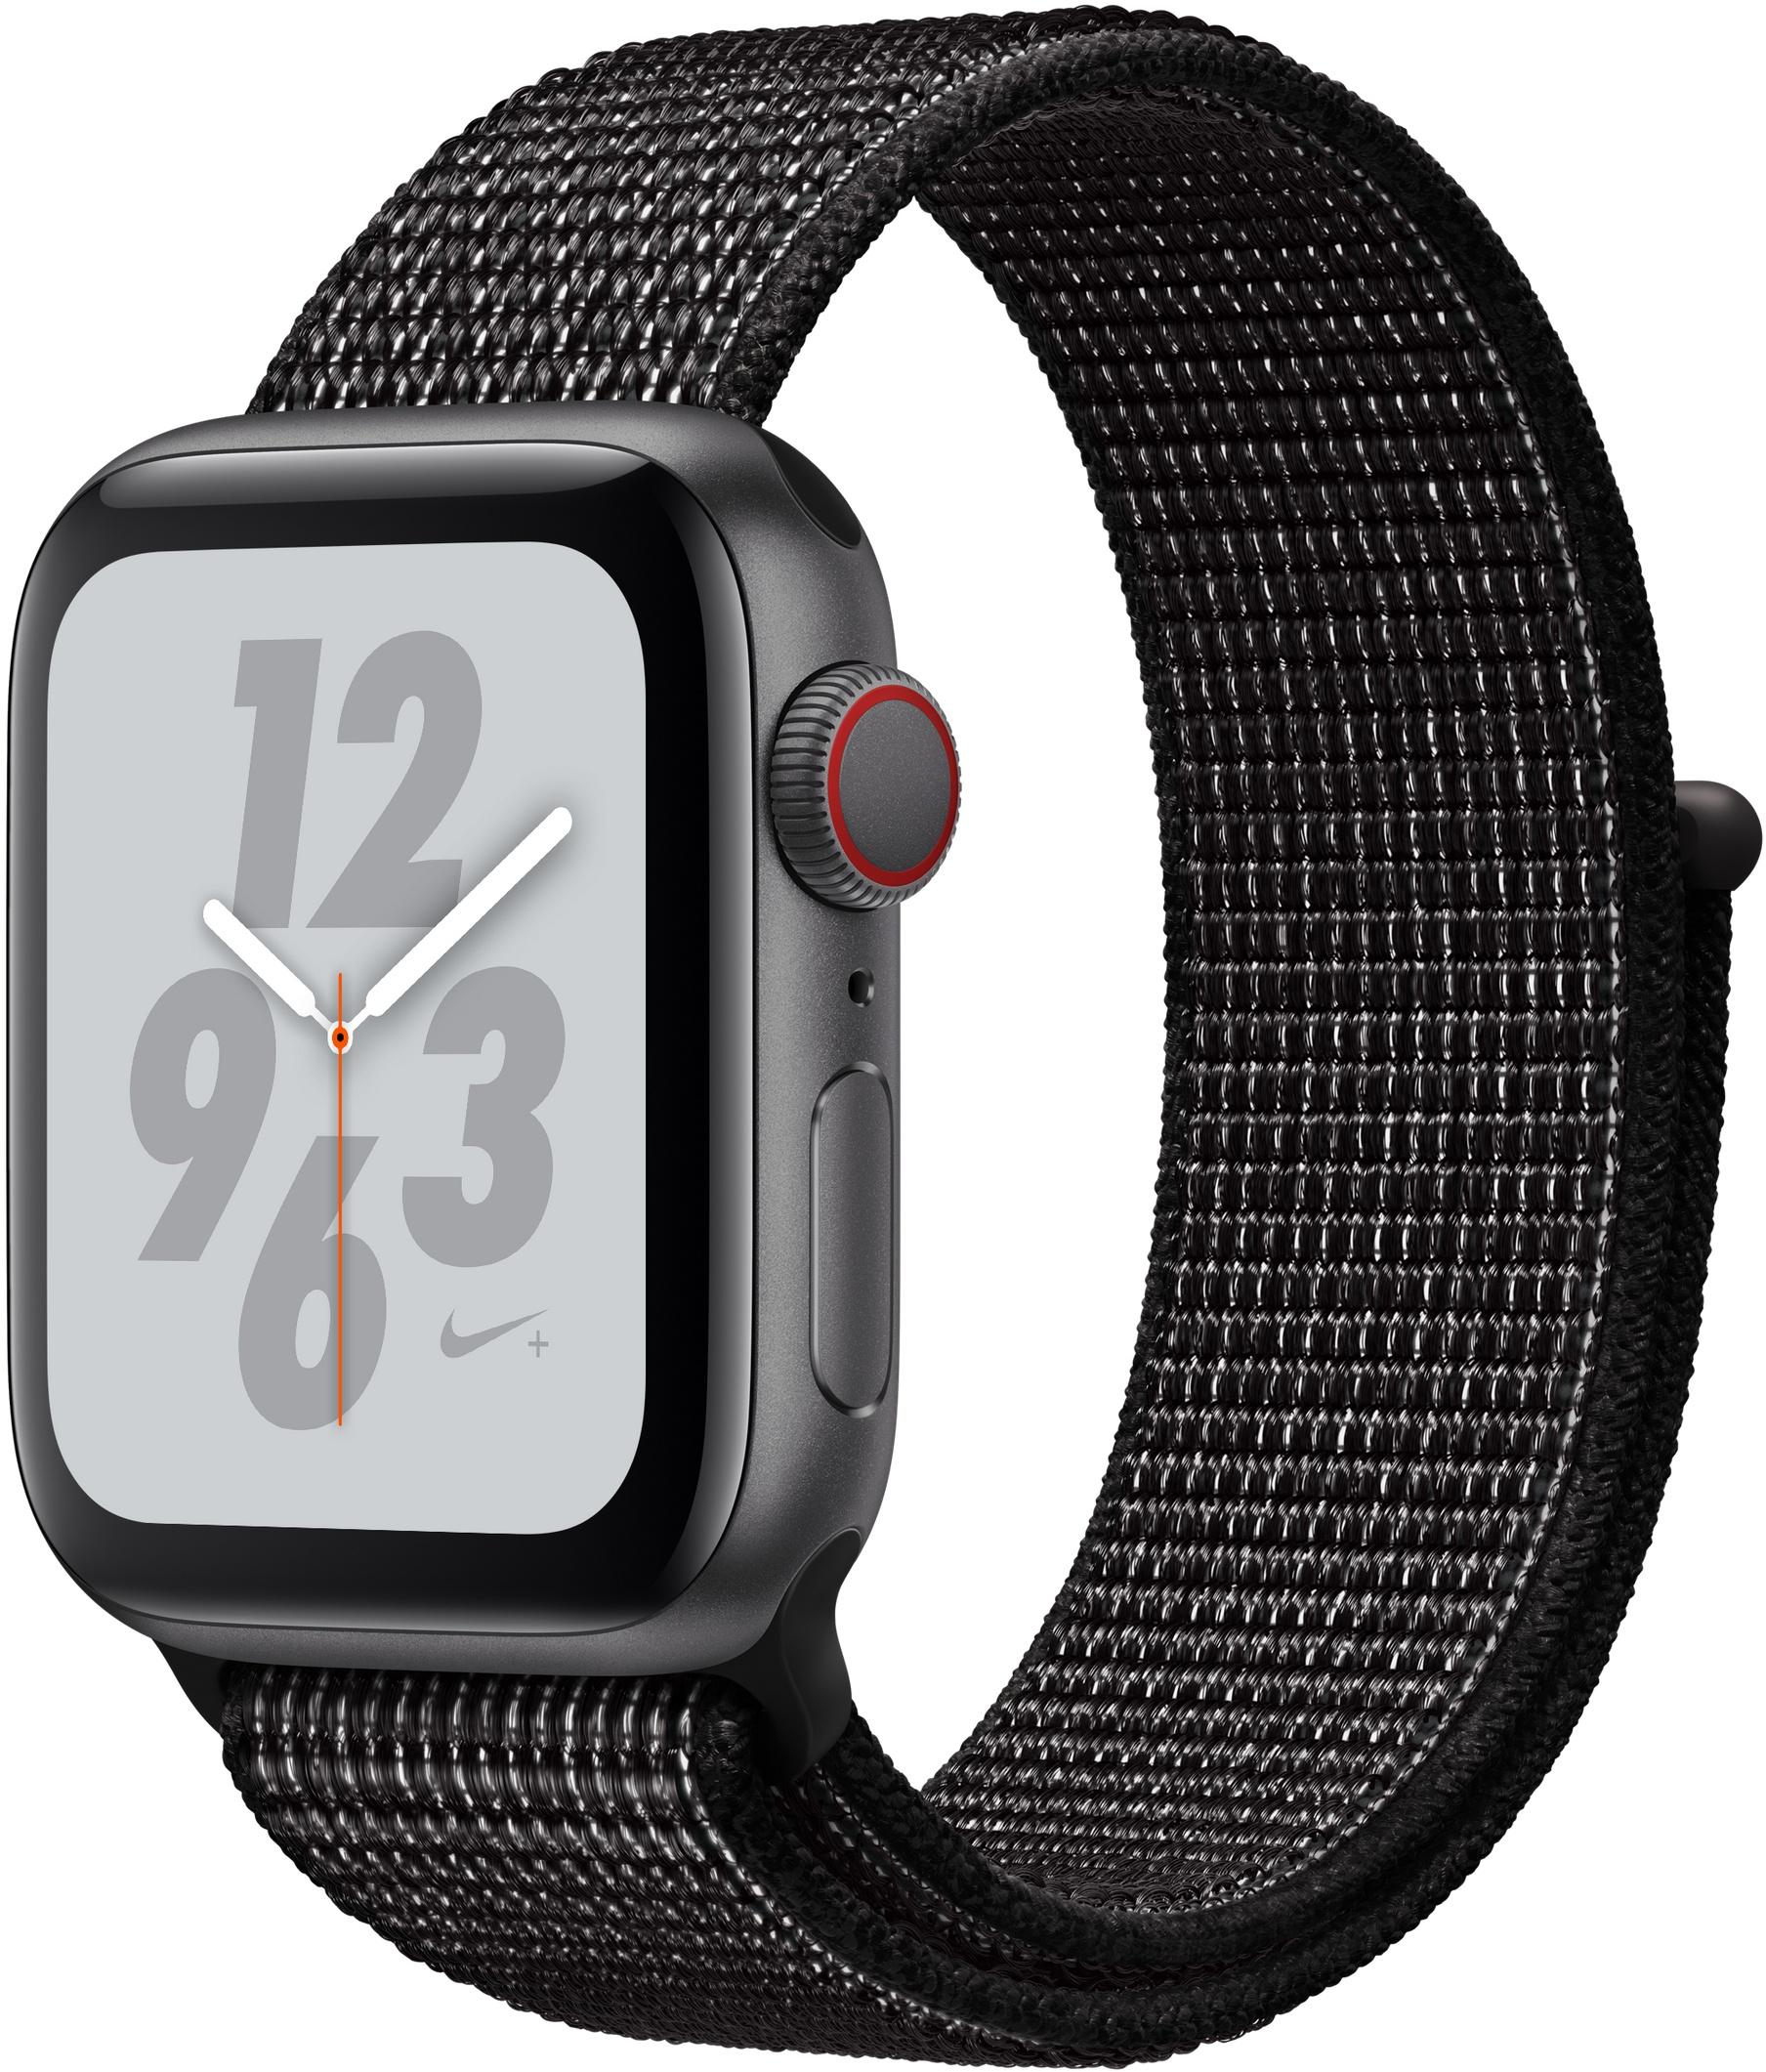 Apple watch series 2 — обзор второй версии умных часов от apple - продолжительность: hotline video 78 просмотров.